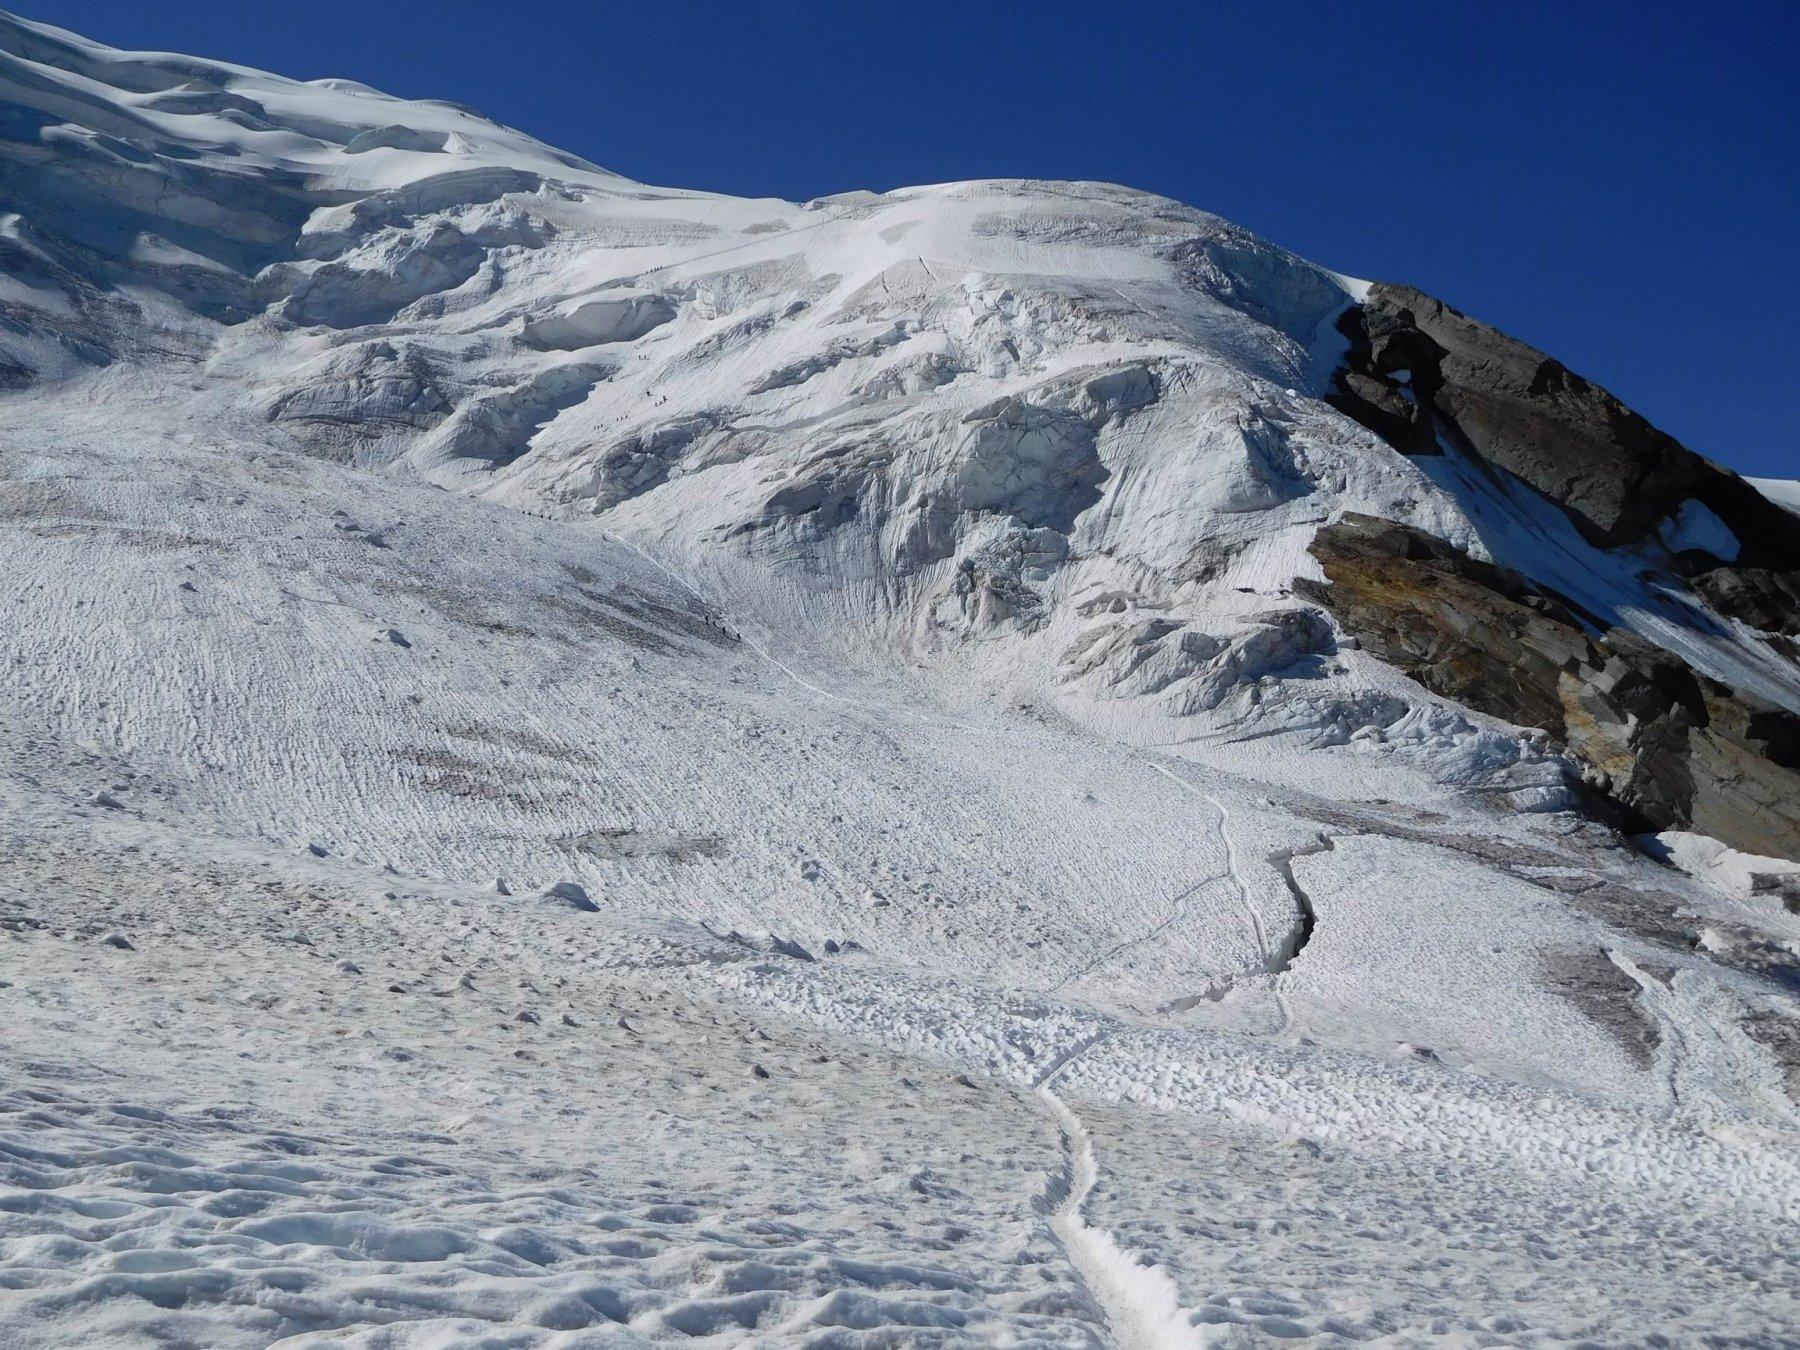 Parte bassa del ghiacciaio verso Hohsaas